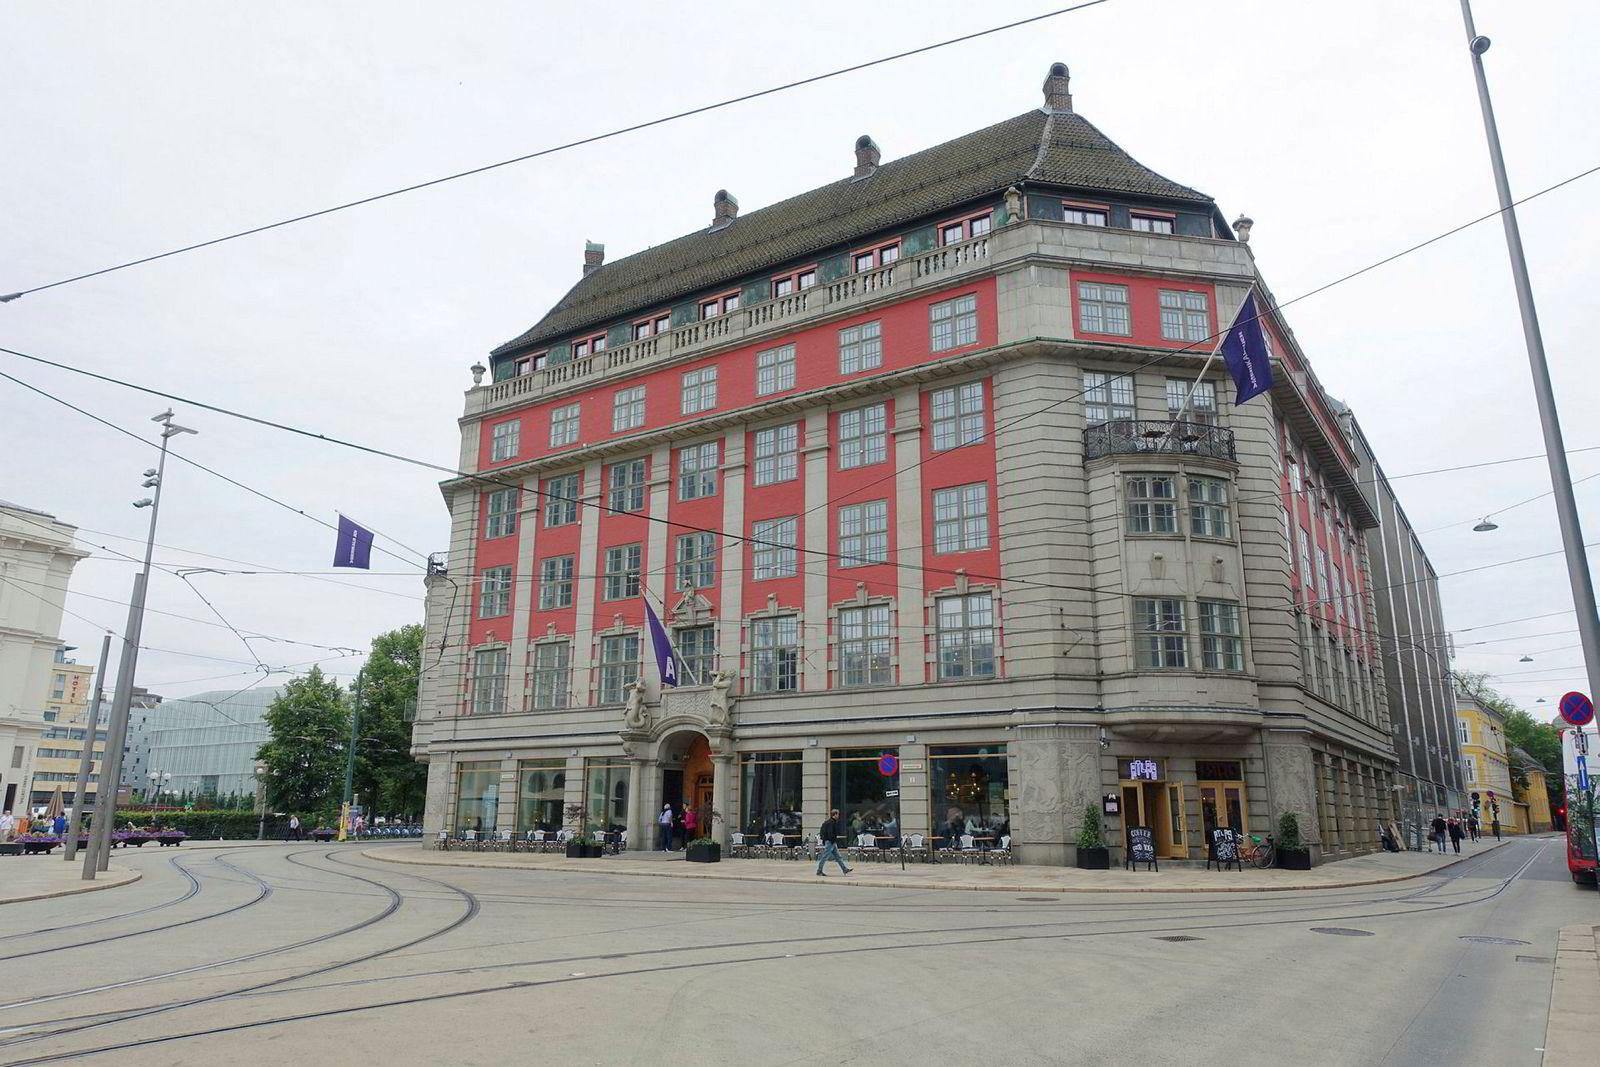 Nyåpnede Hotel Amerikalinjen i Oslo trekkes av Anders Buchardt frem blant unntakene.